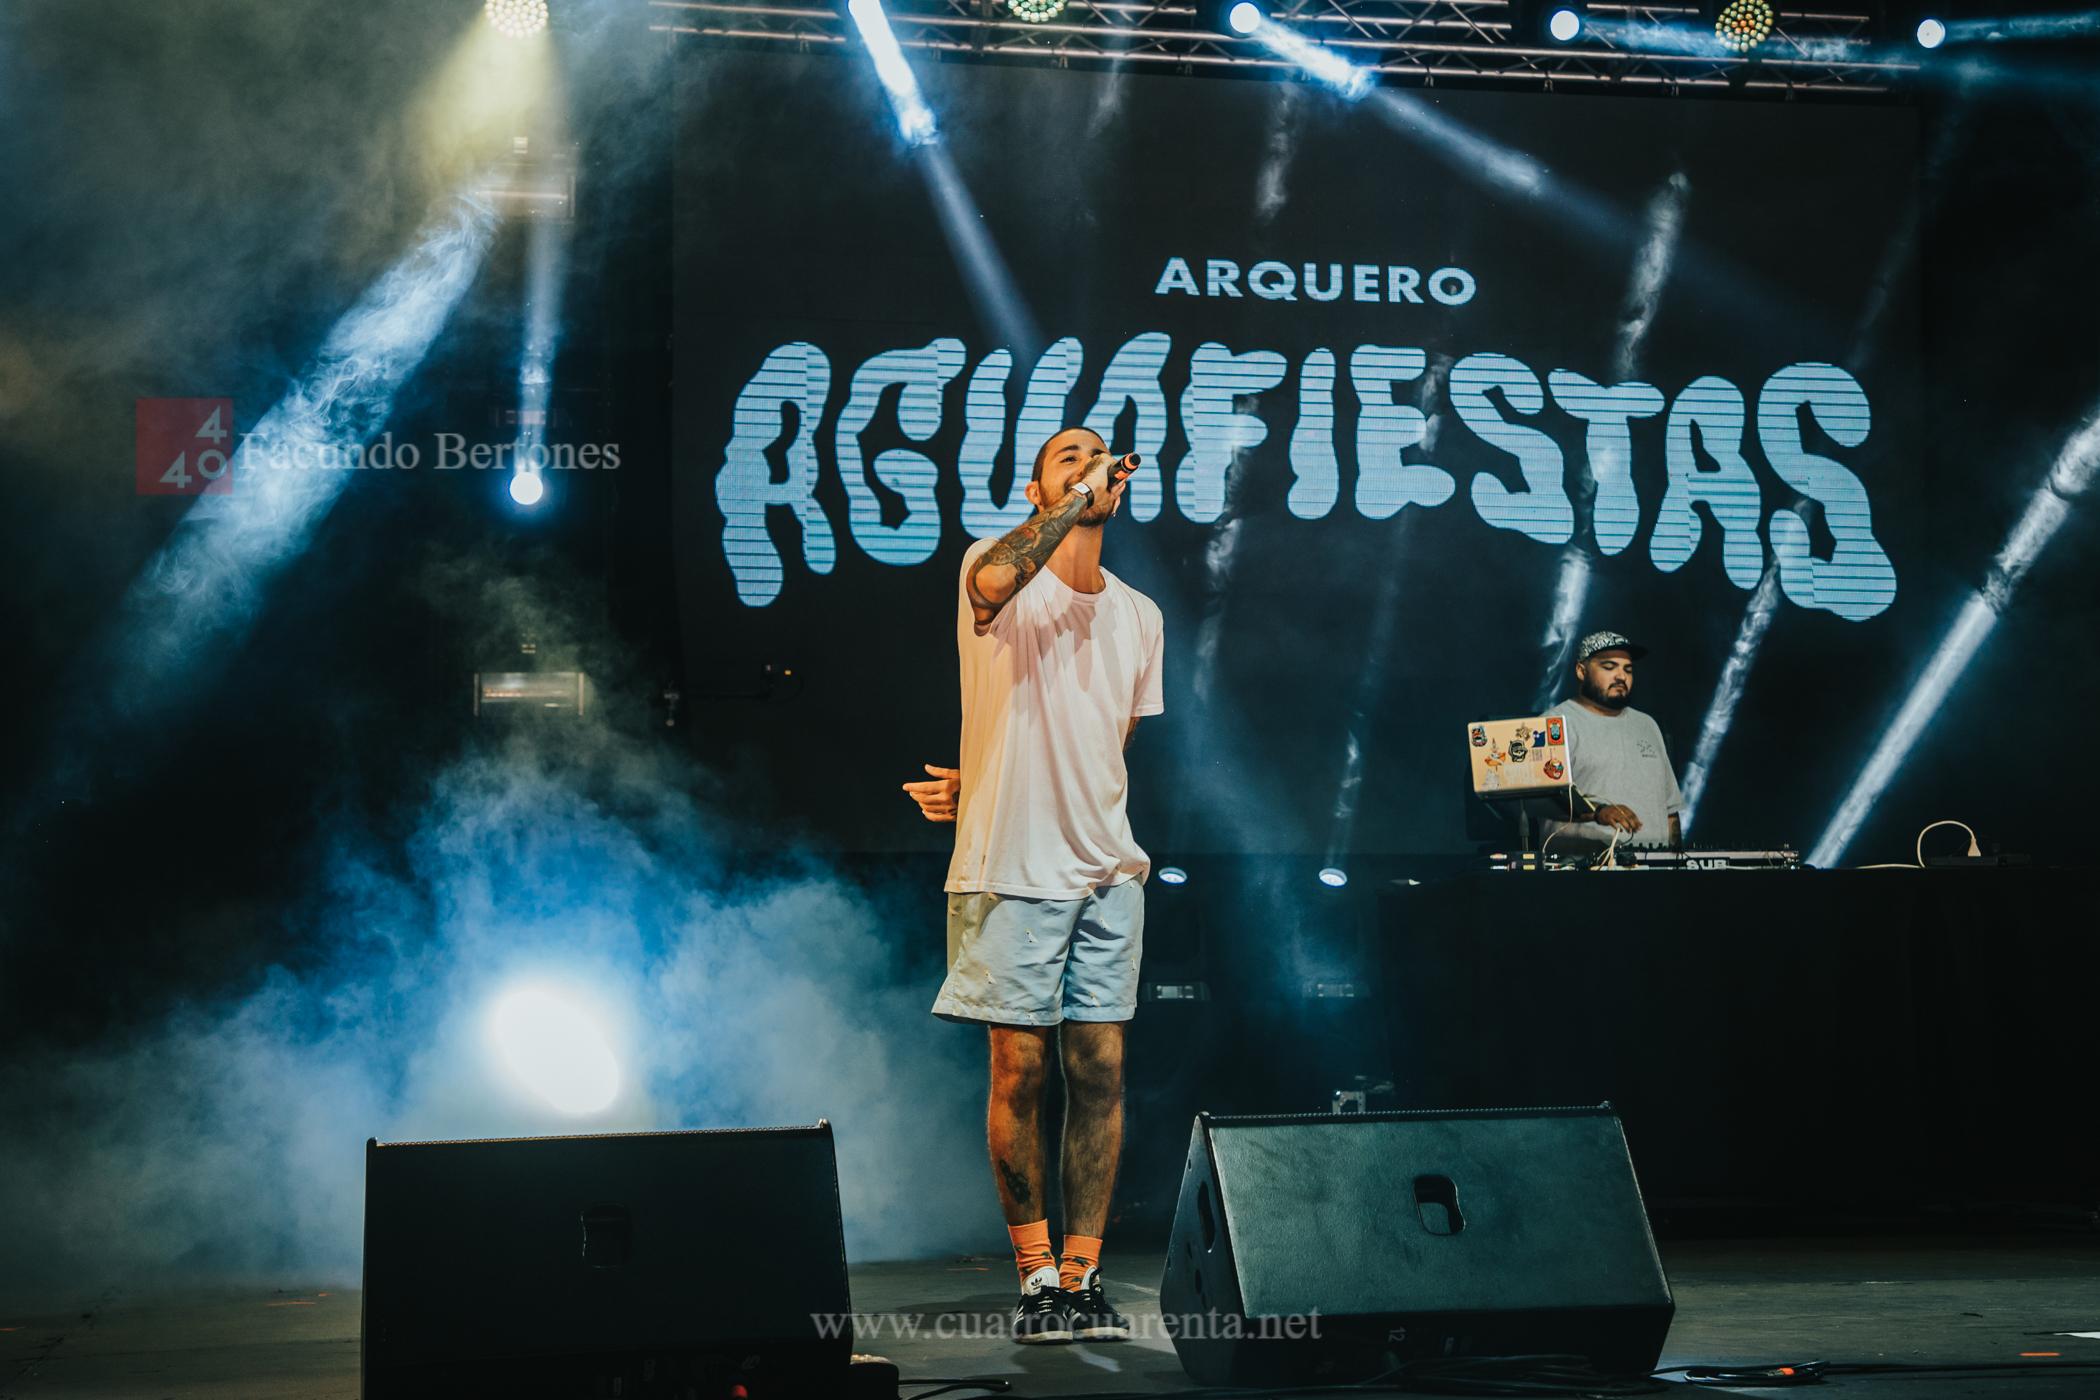 Arquero - Pan - Dj Ala (9).jpg